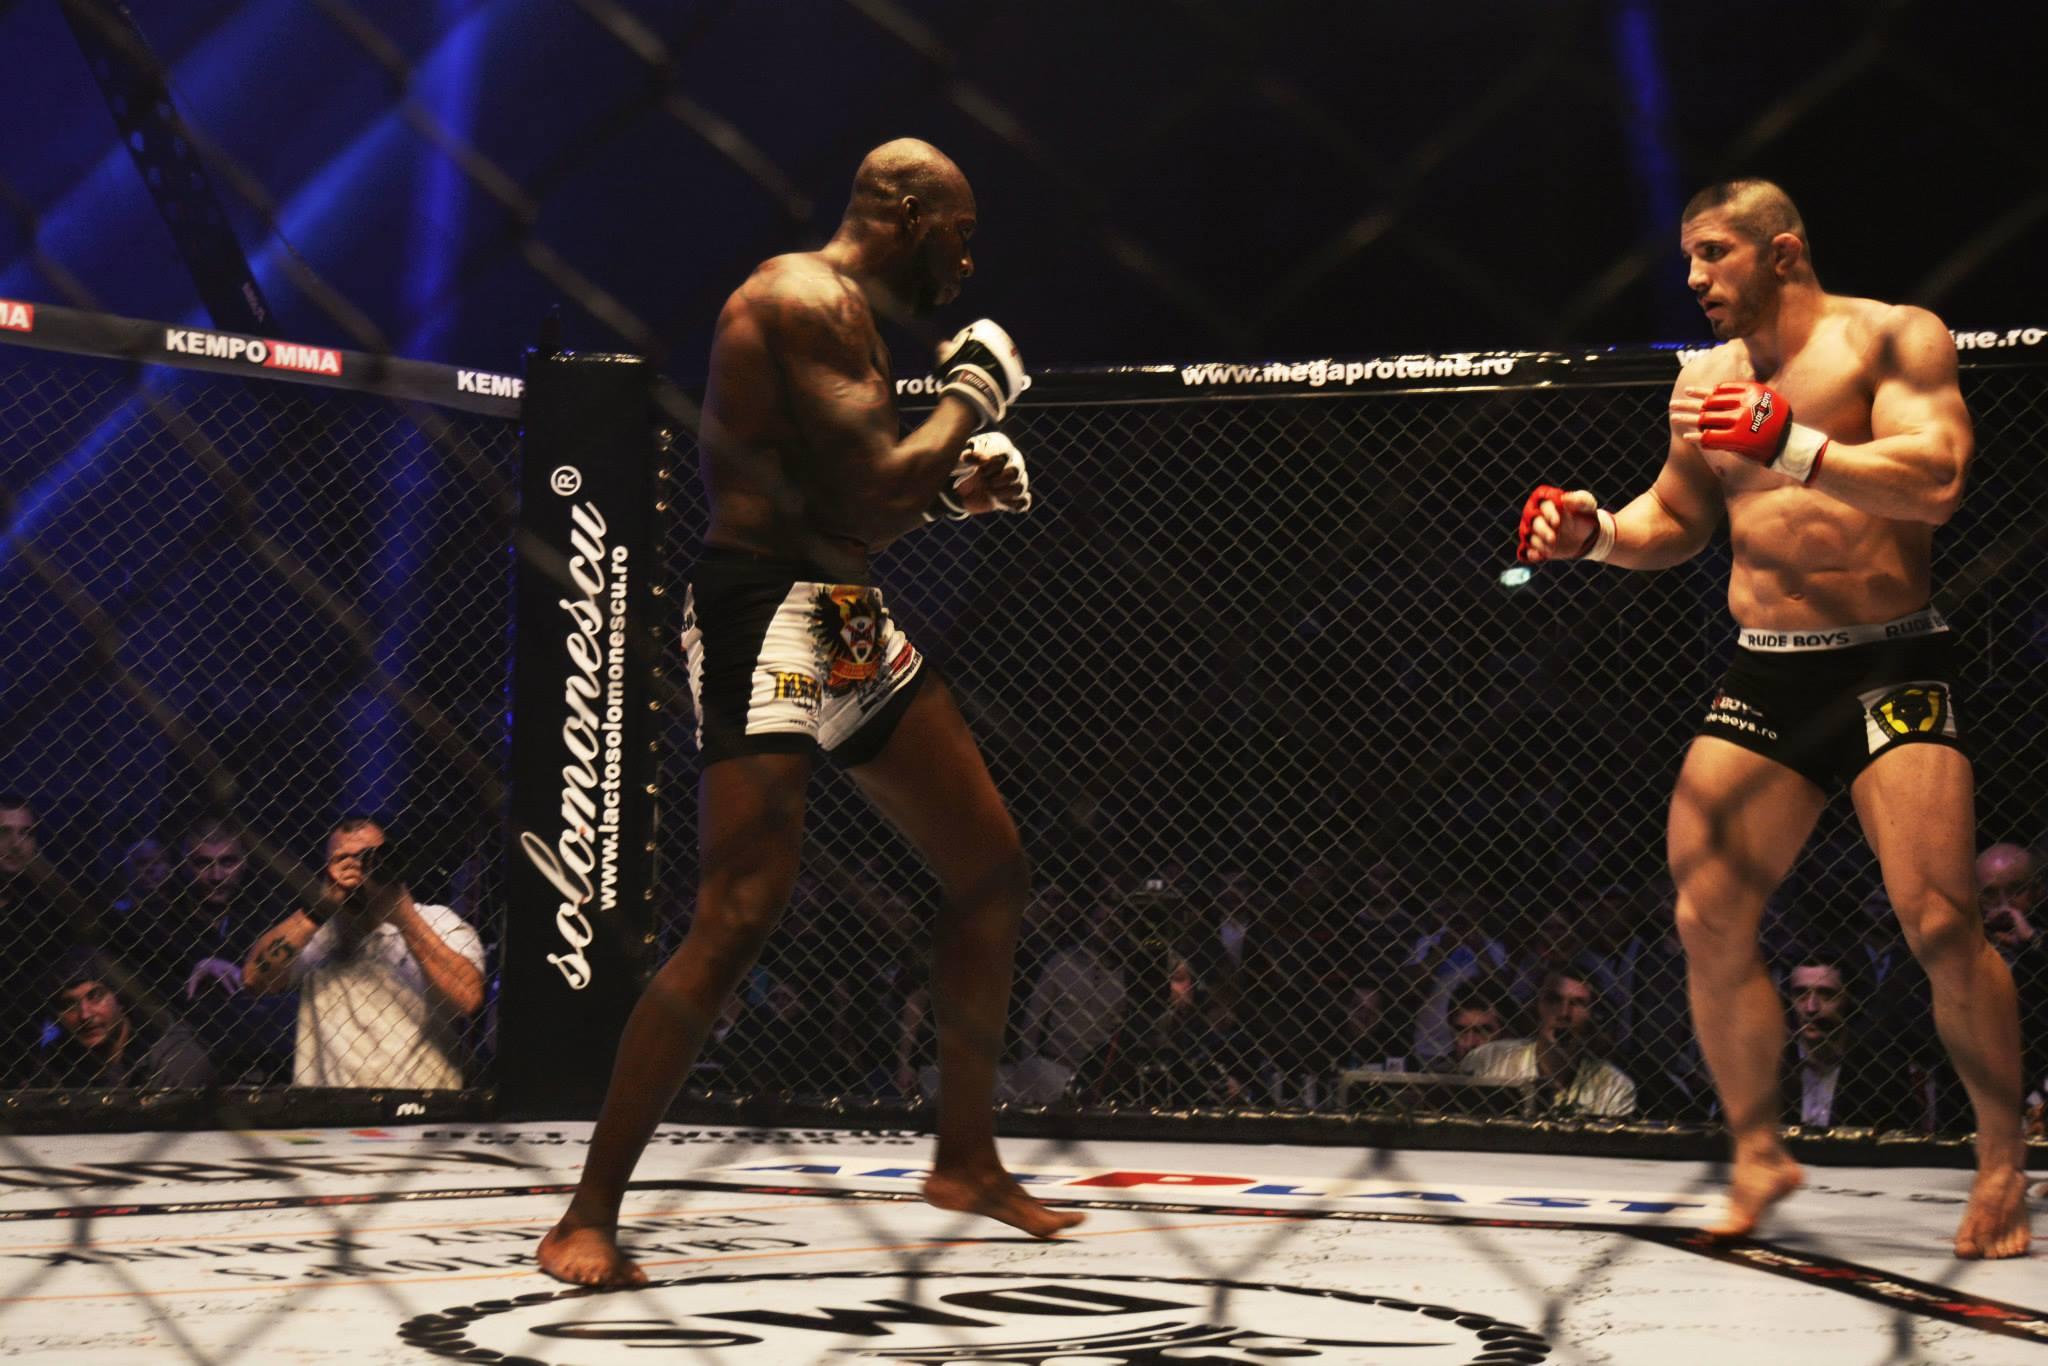 Pascu este unul dintre cei mai buni luptatori de MMA din Romania